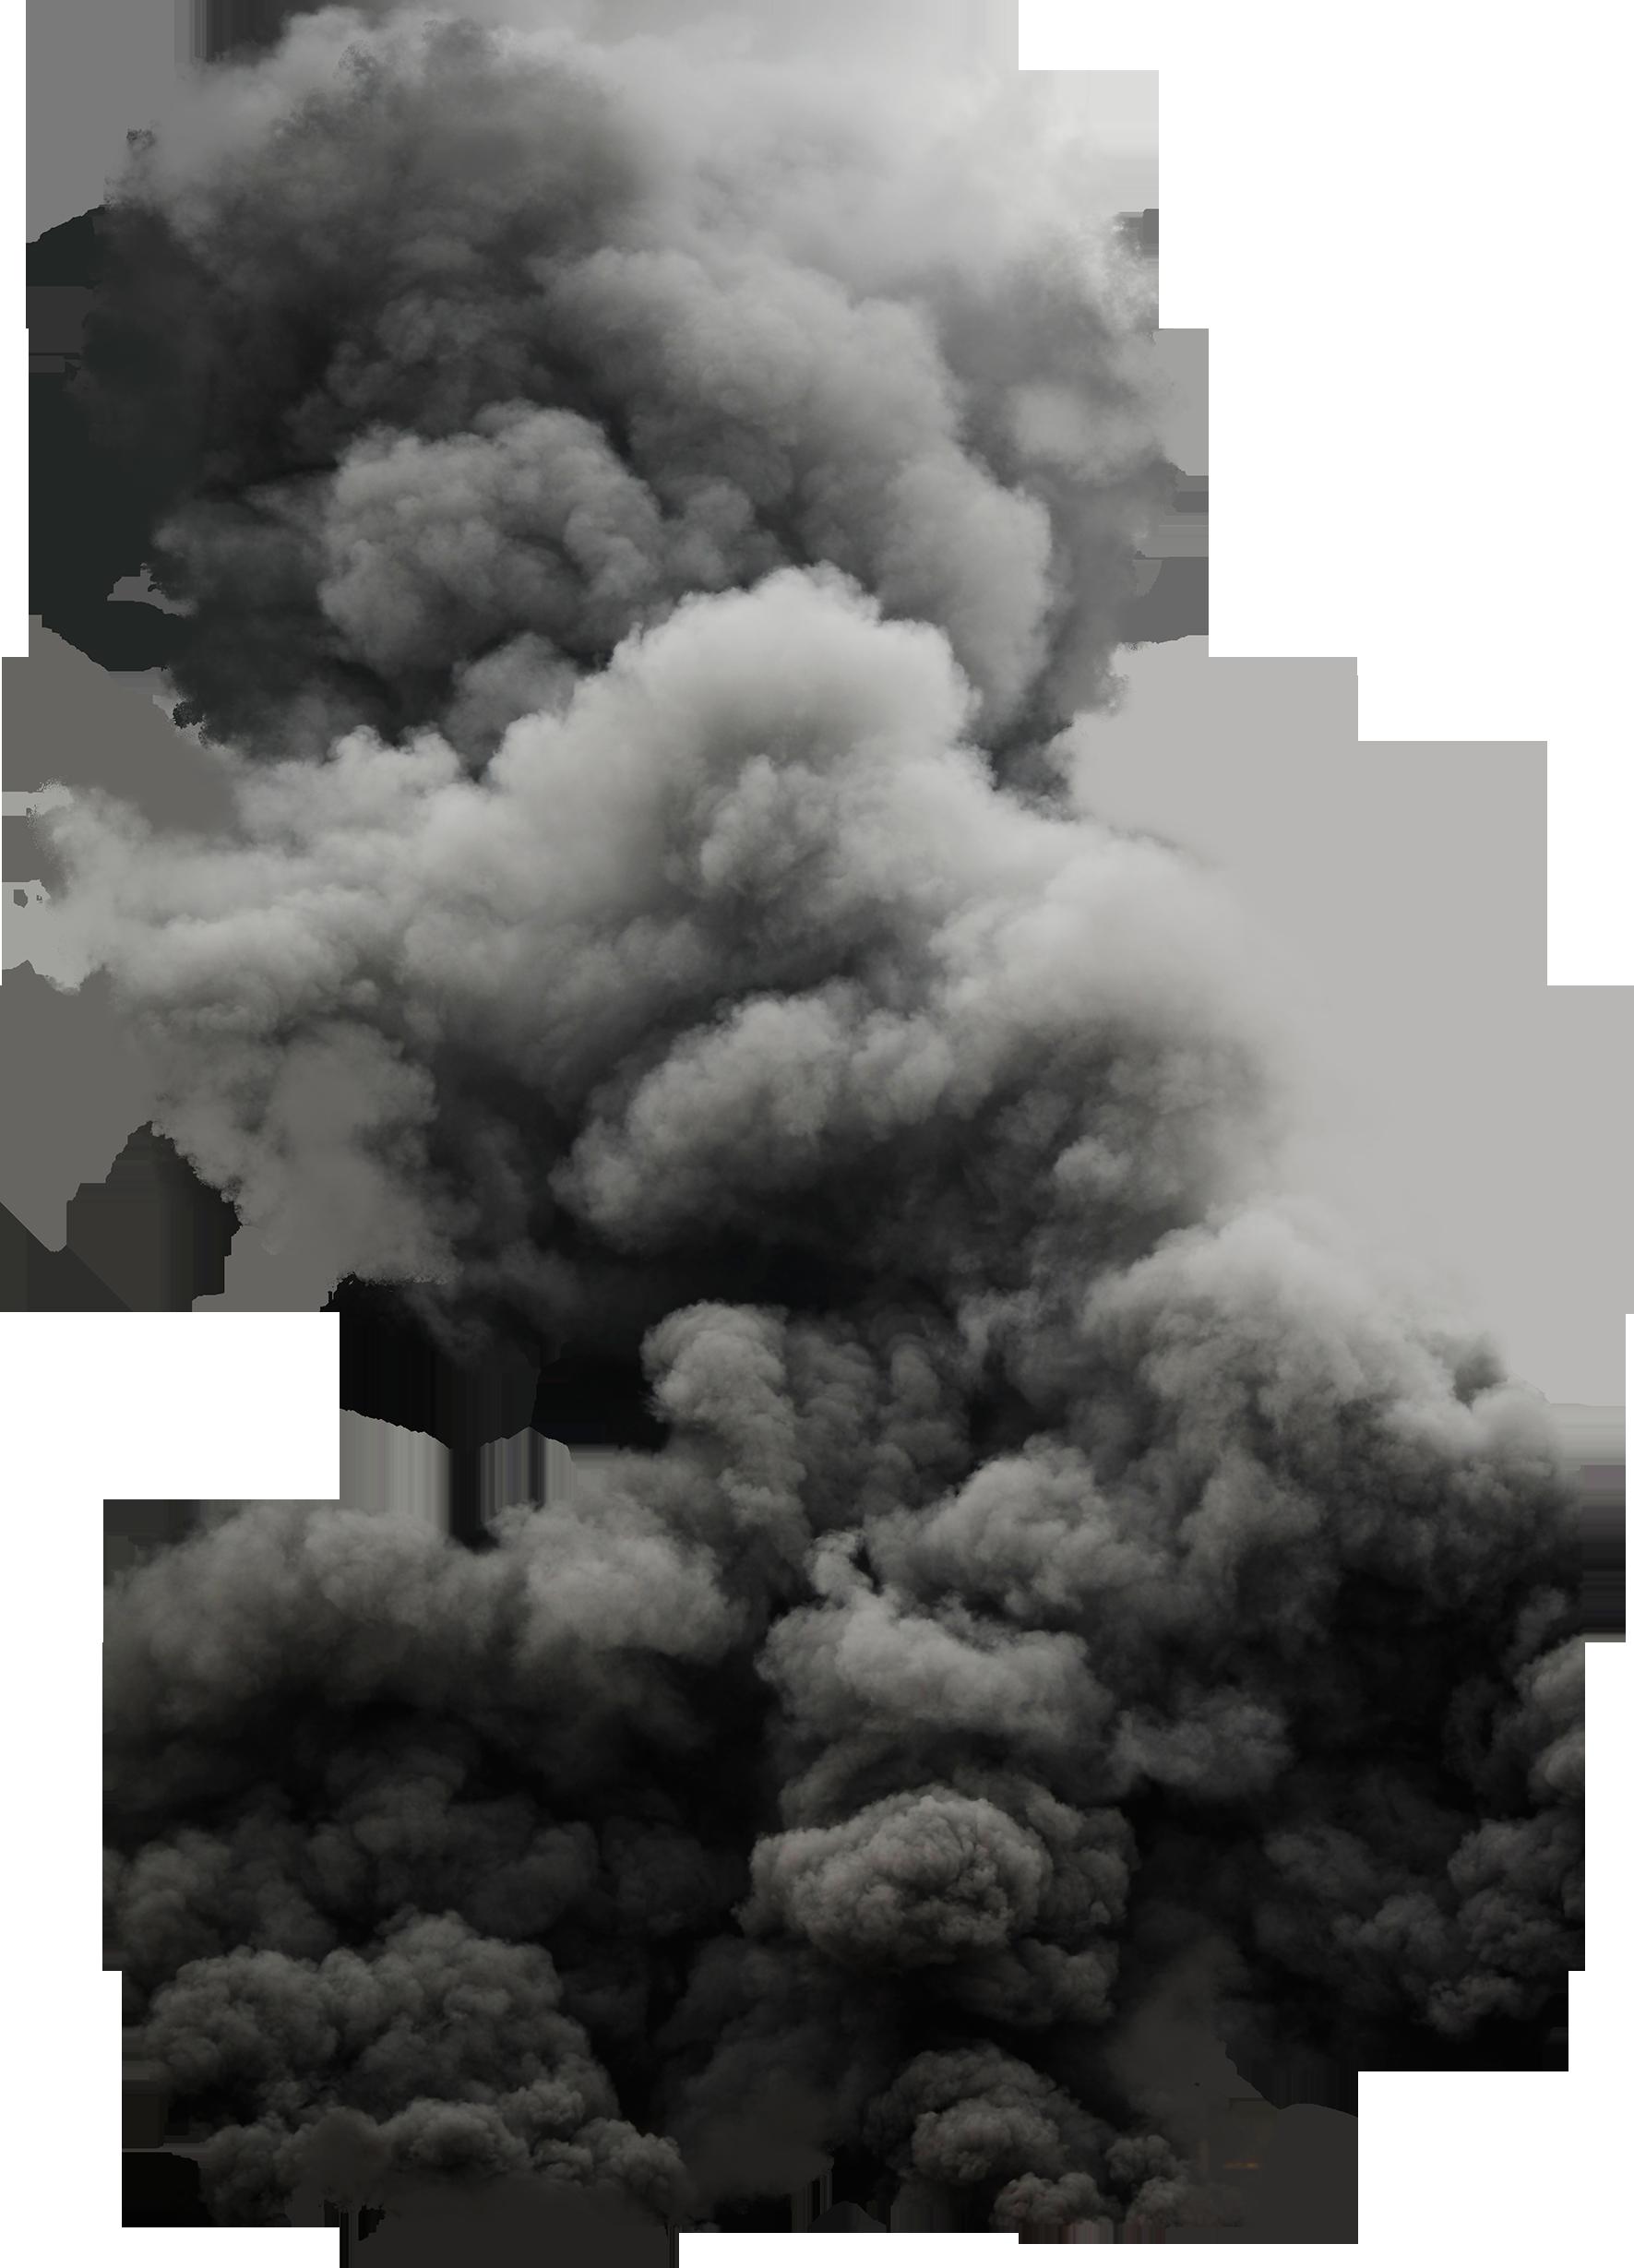 Black Cloud Smoke PNG Image